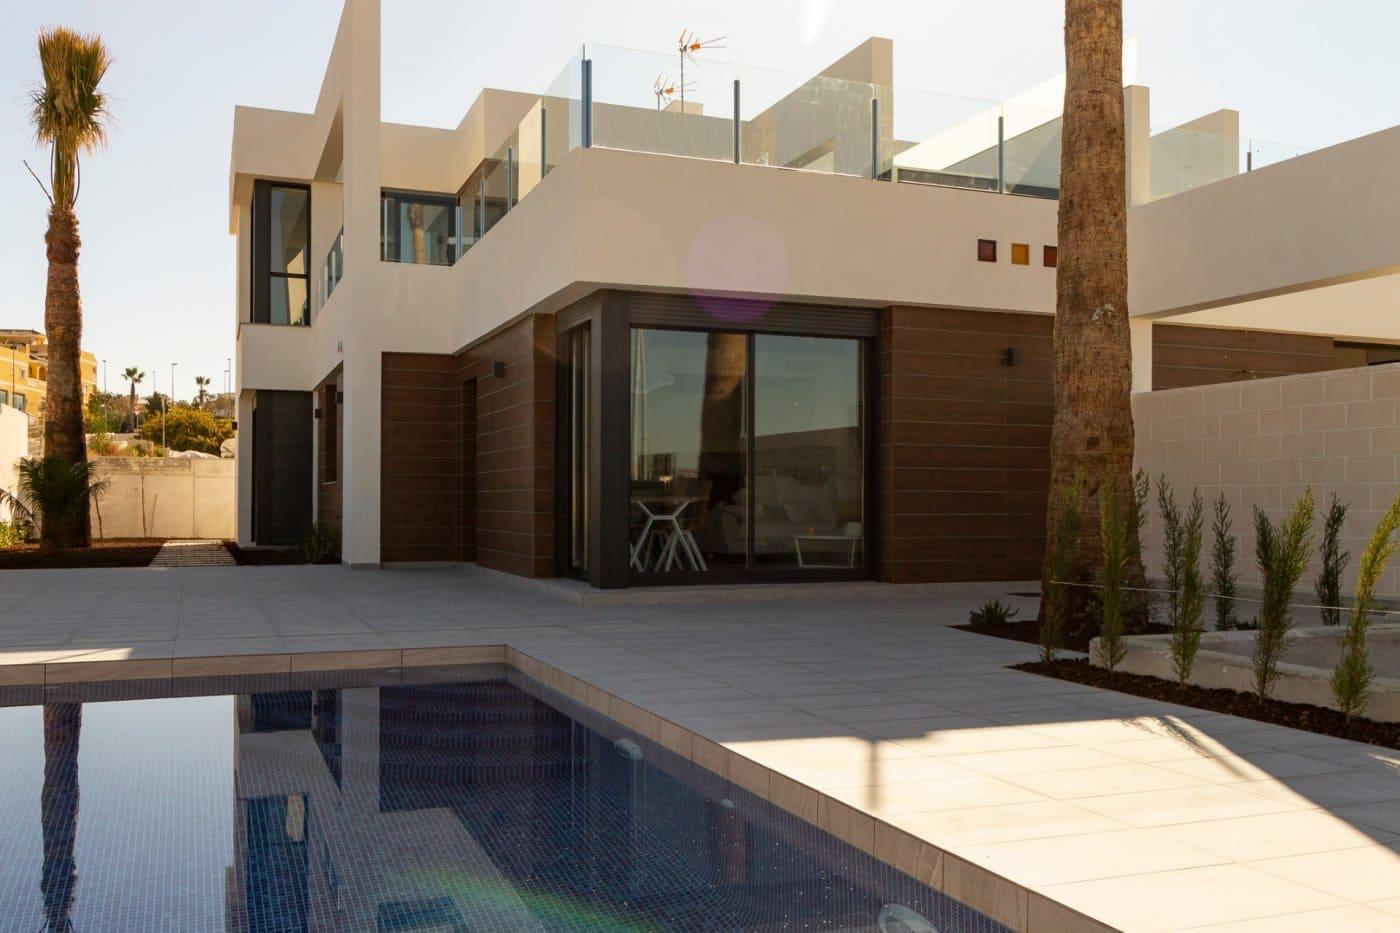 Chalet de 3 habitaciones en Benijófar en venta con piscina - 272.000 € (Ref: 4514852)